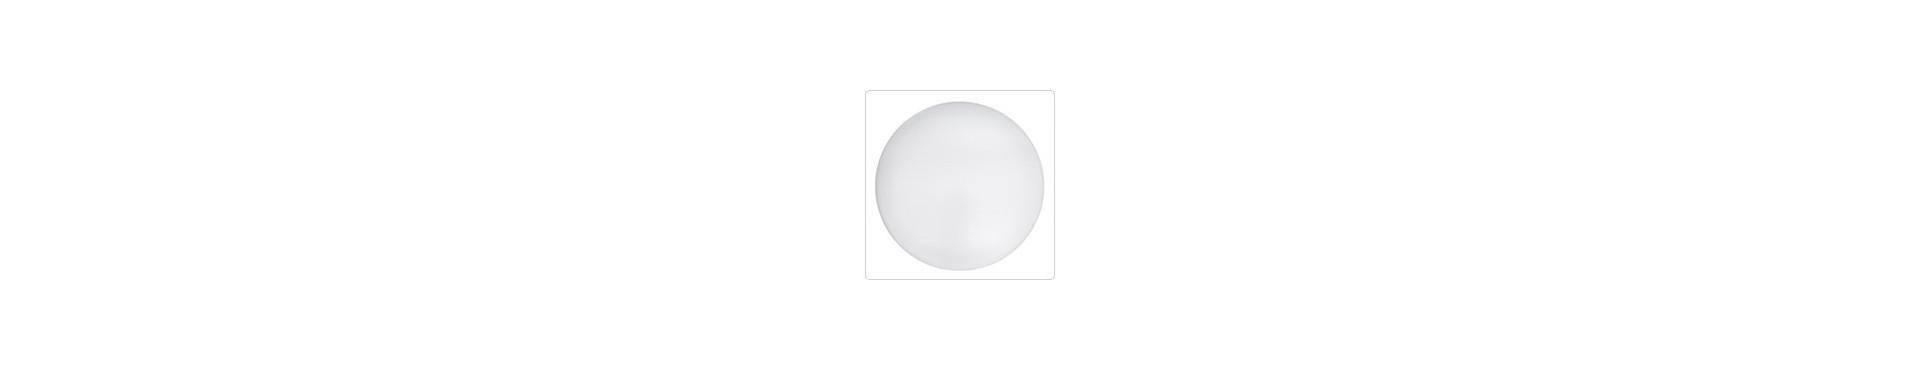 LED loftslamper - Billige energibesparende LED loftslamper